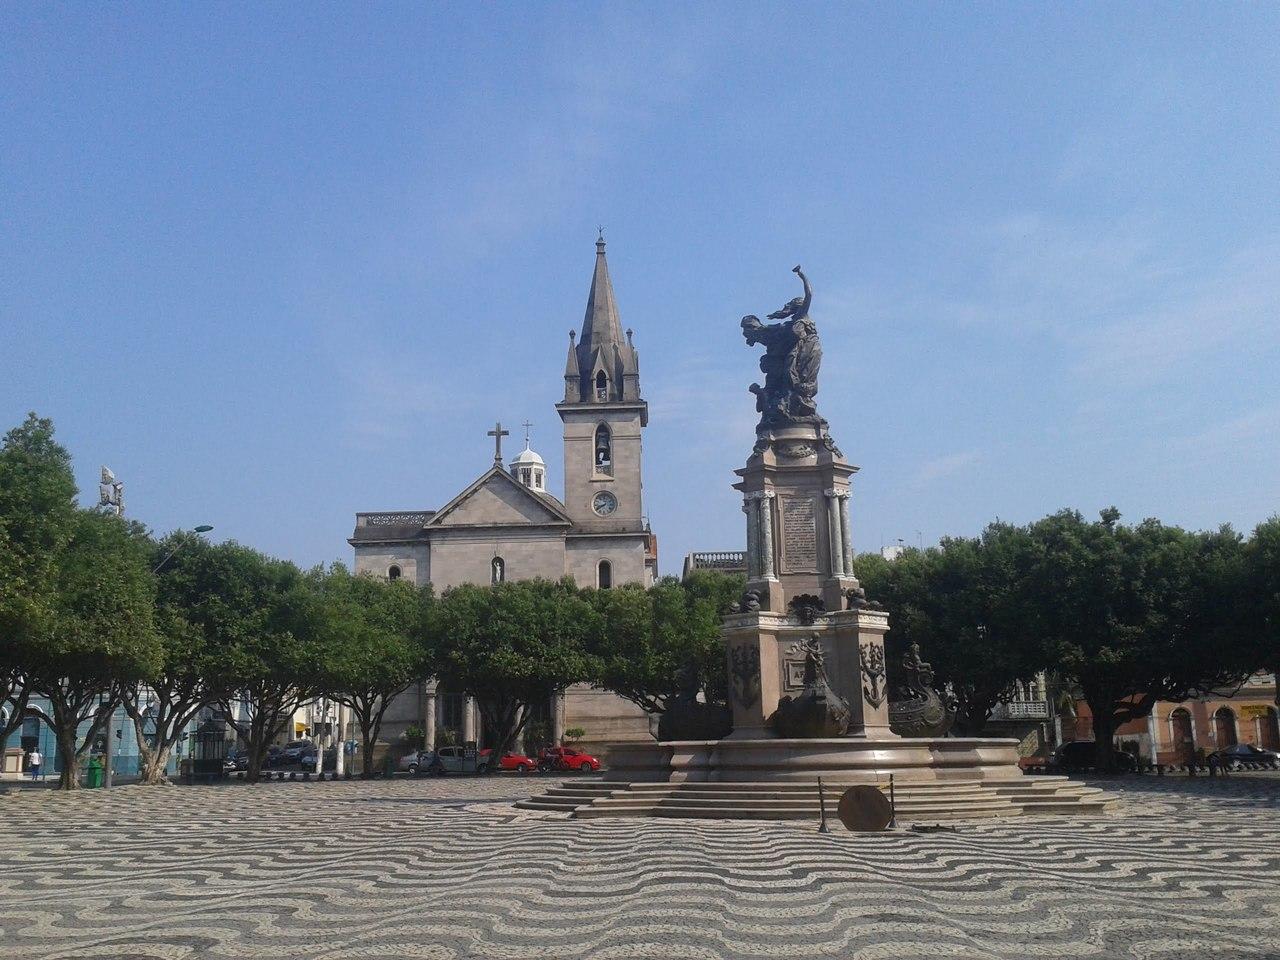 Largo de São Sebastião e o Monumento à Abertura dos Portos do Amazonas em 1900 e simboliza os 4 continentes